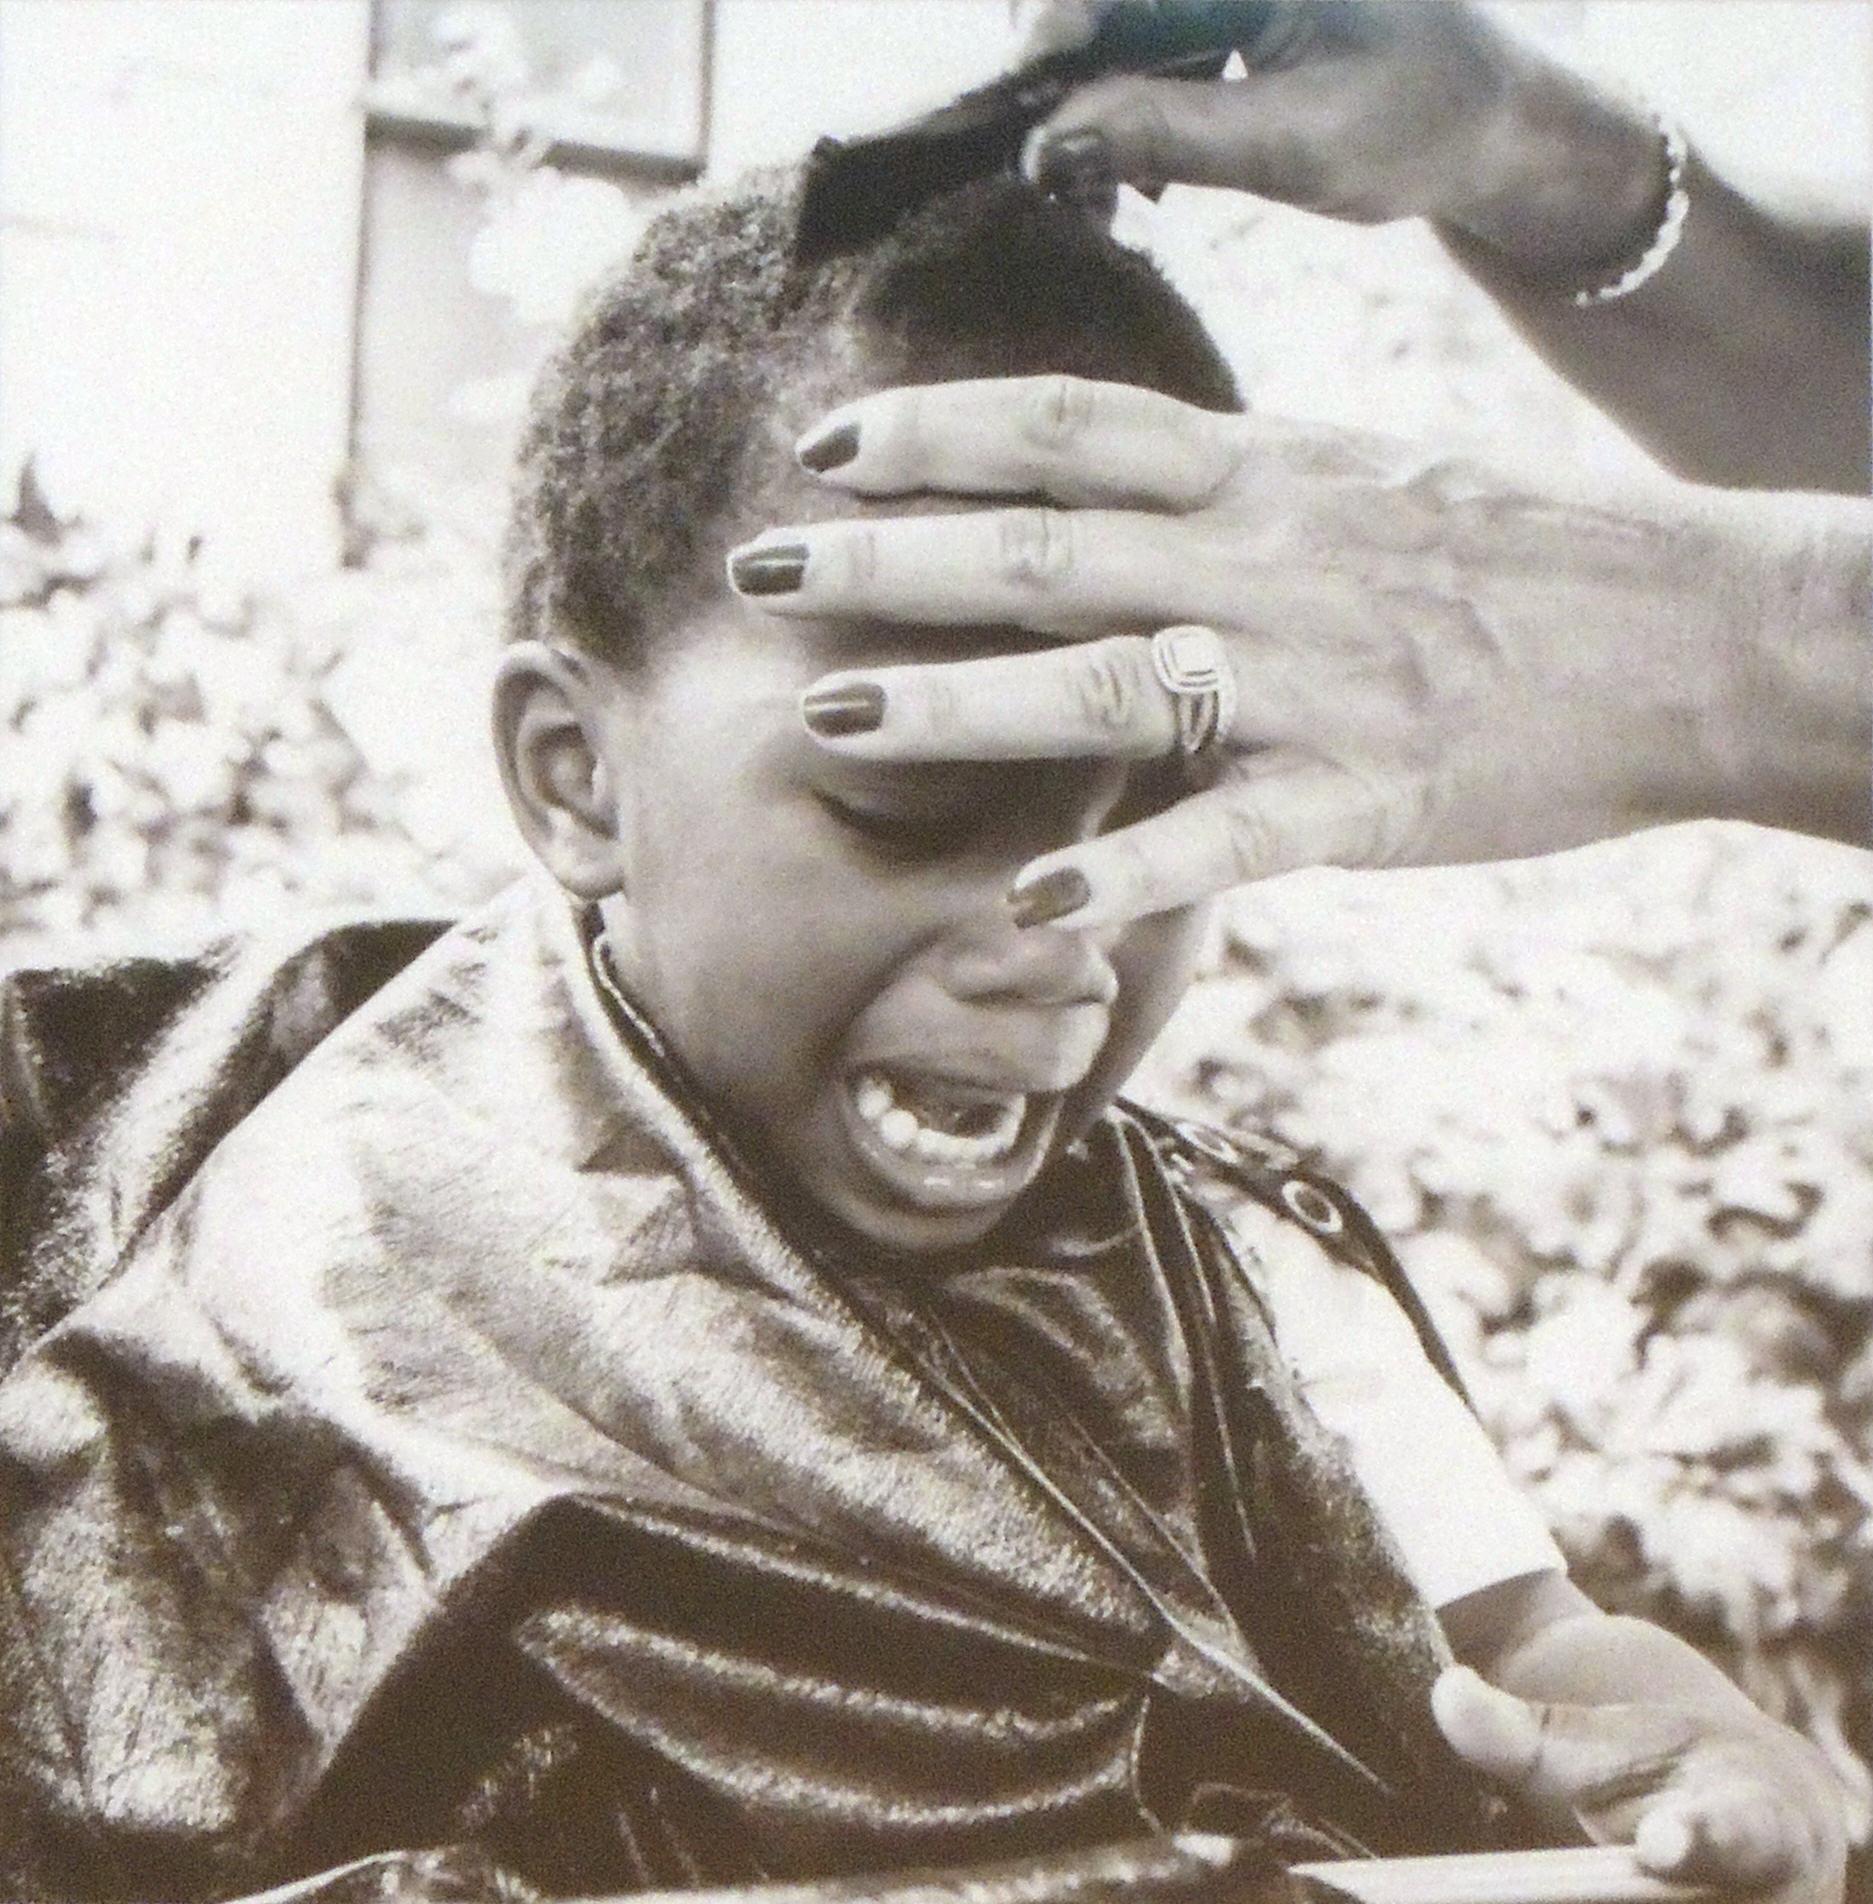 Martha Barnes | THE HAIR CUT | Photograph